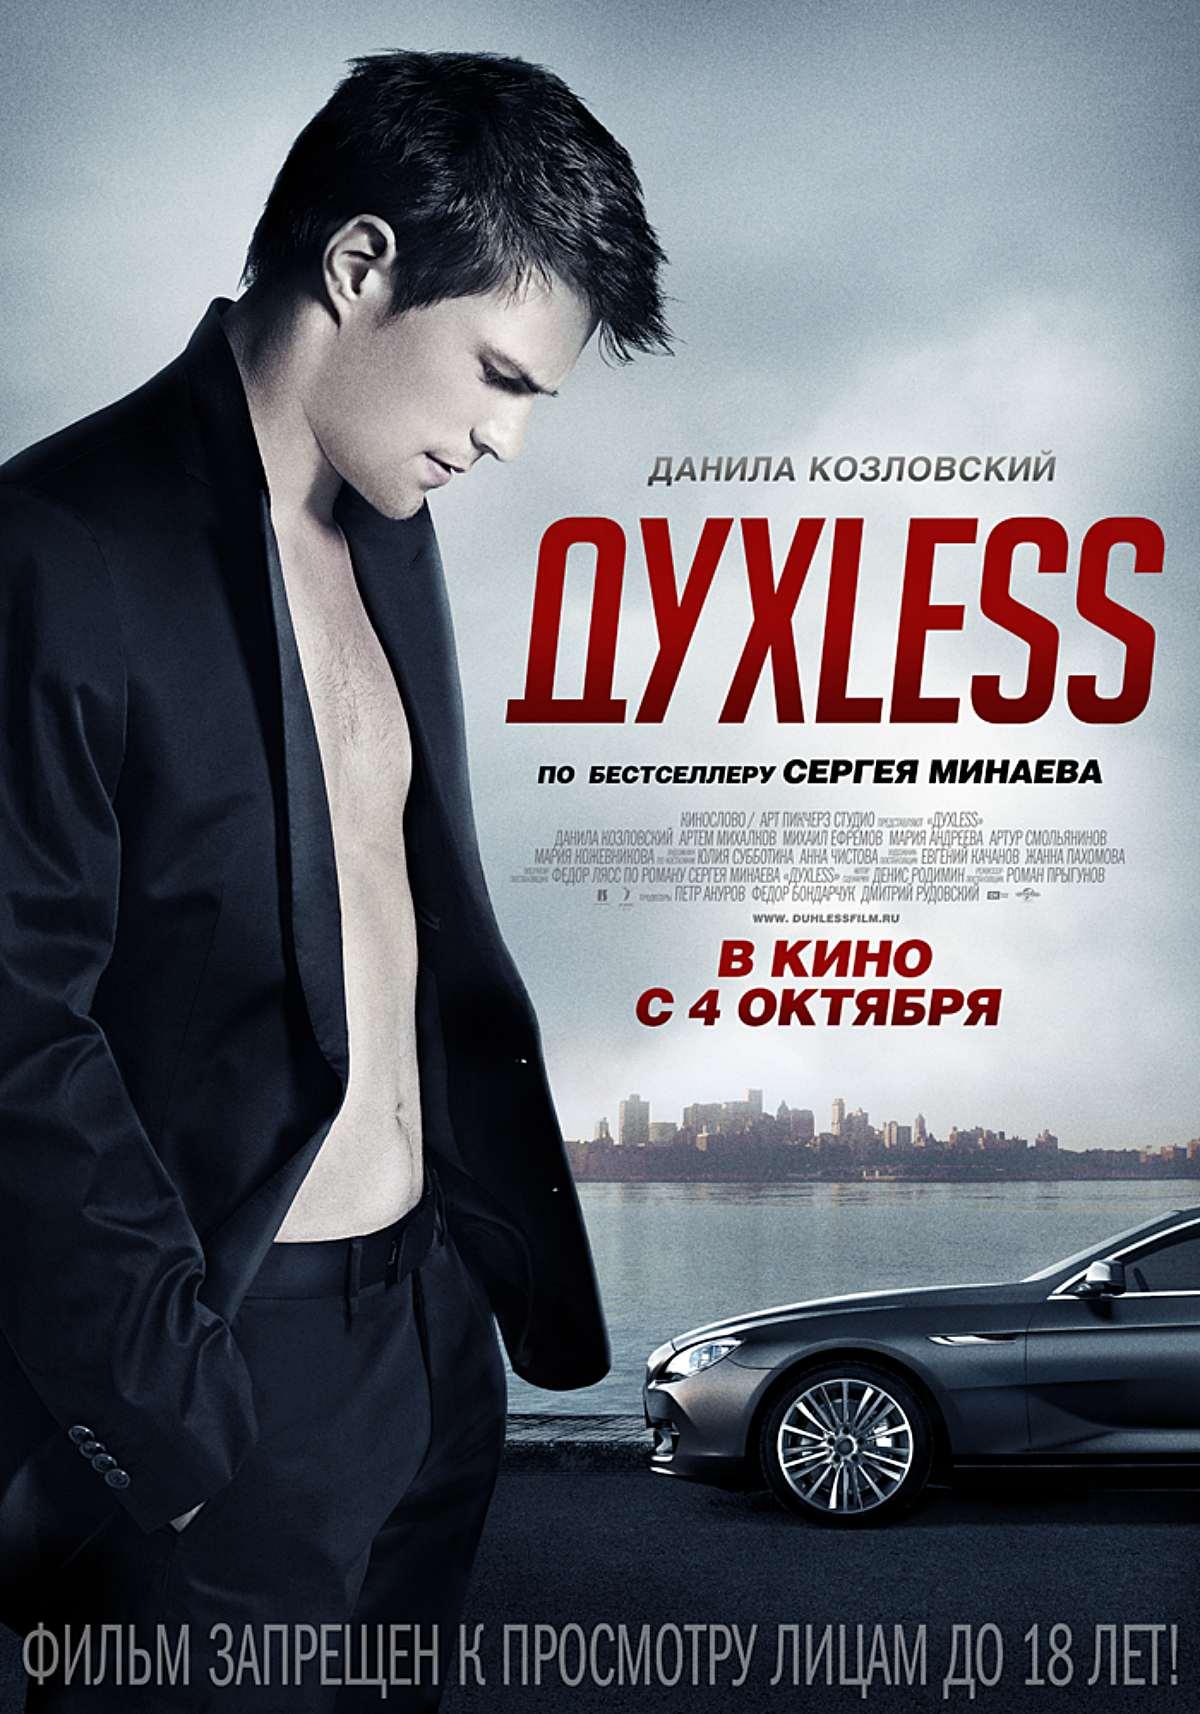 Духless [2011]